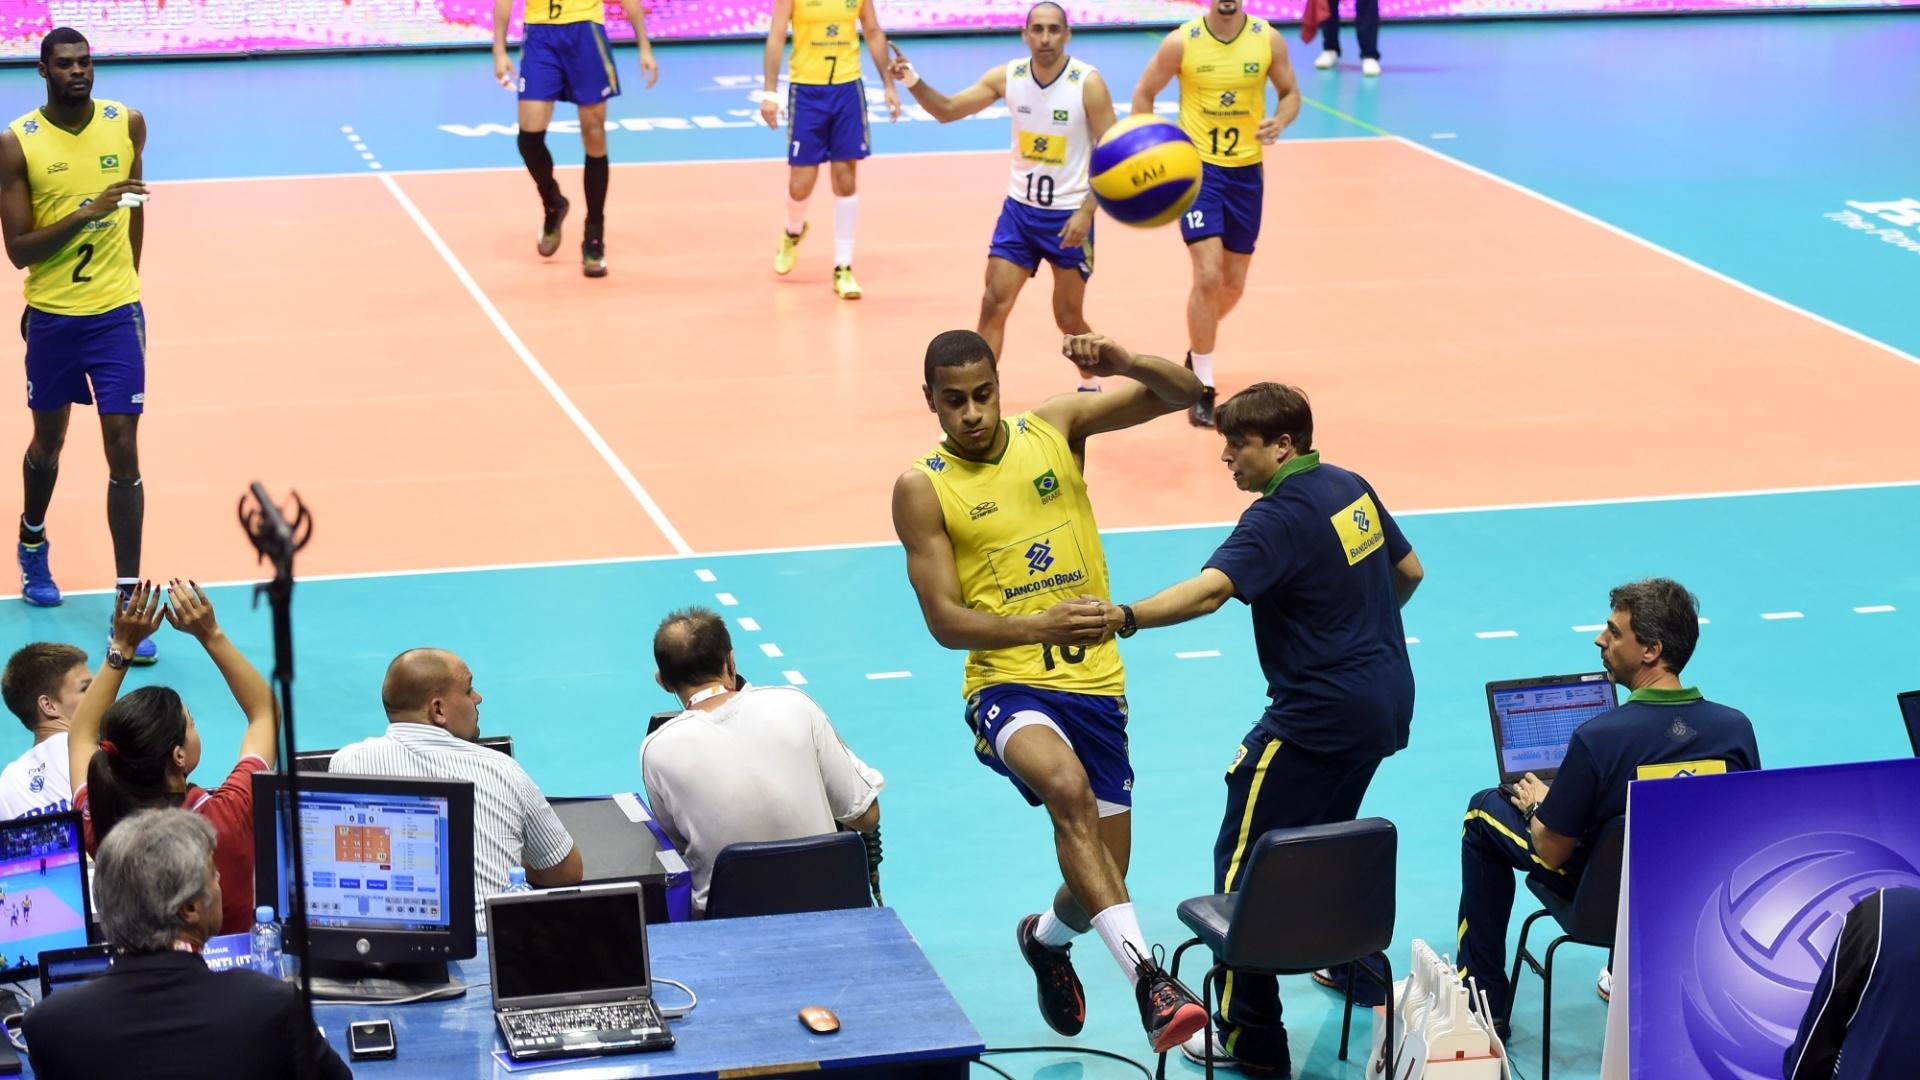 Lucarelli invade a área técnica para salvar a bola em ponto contra a Sérvia (14/06)